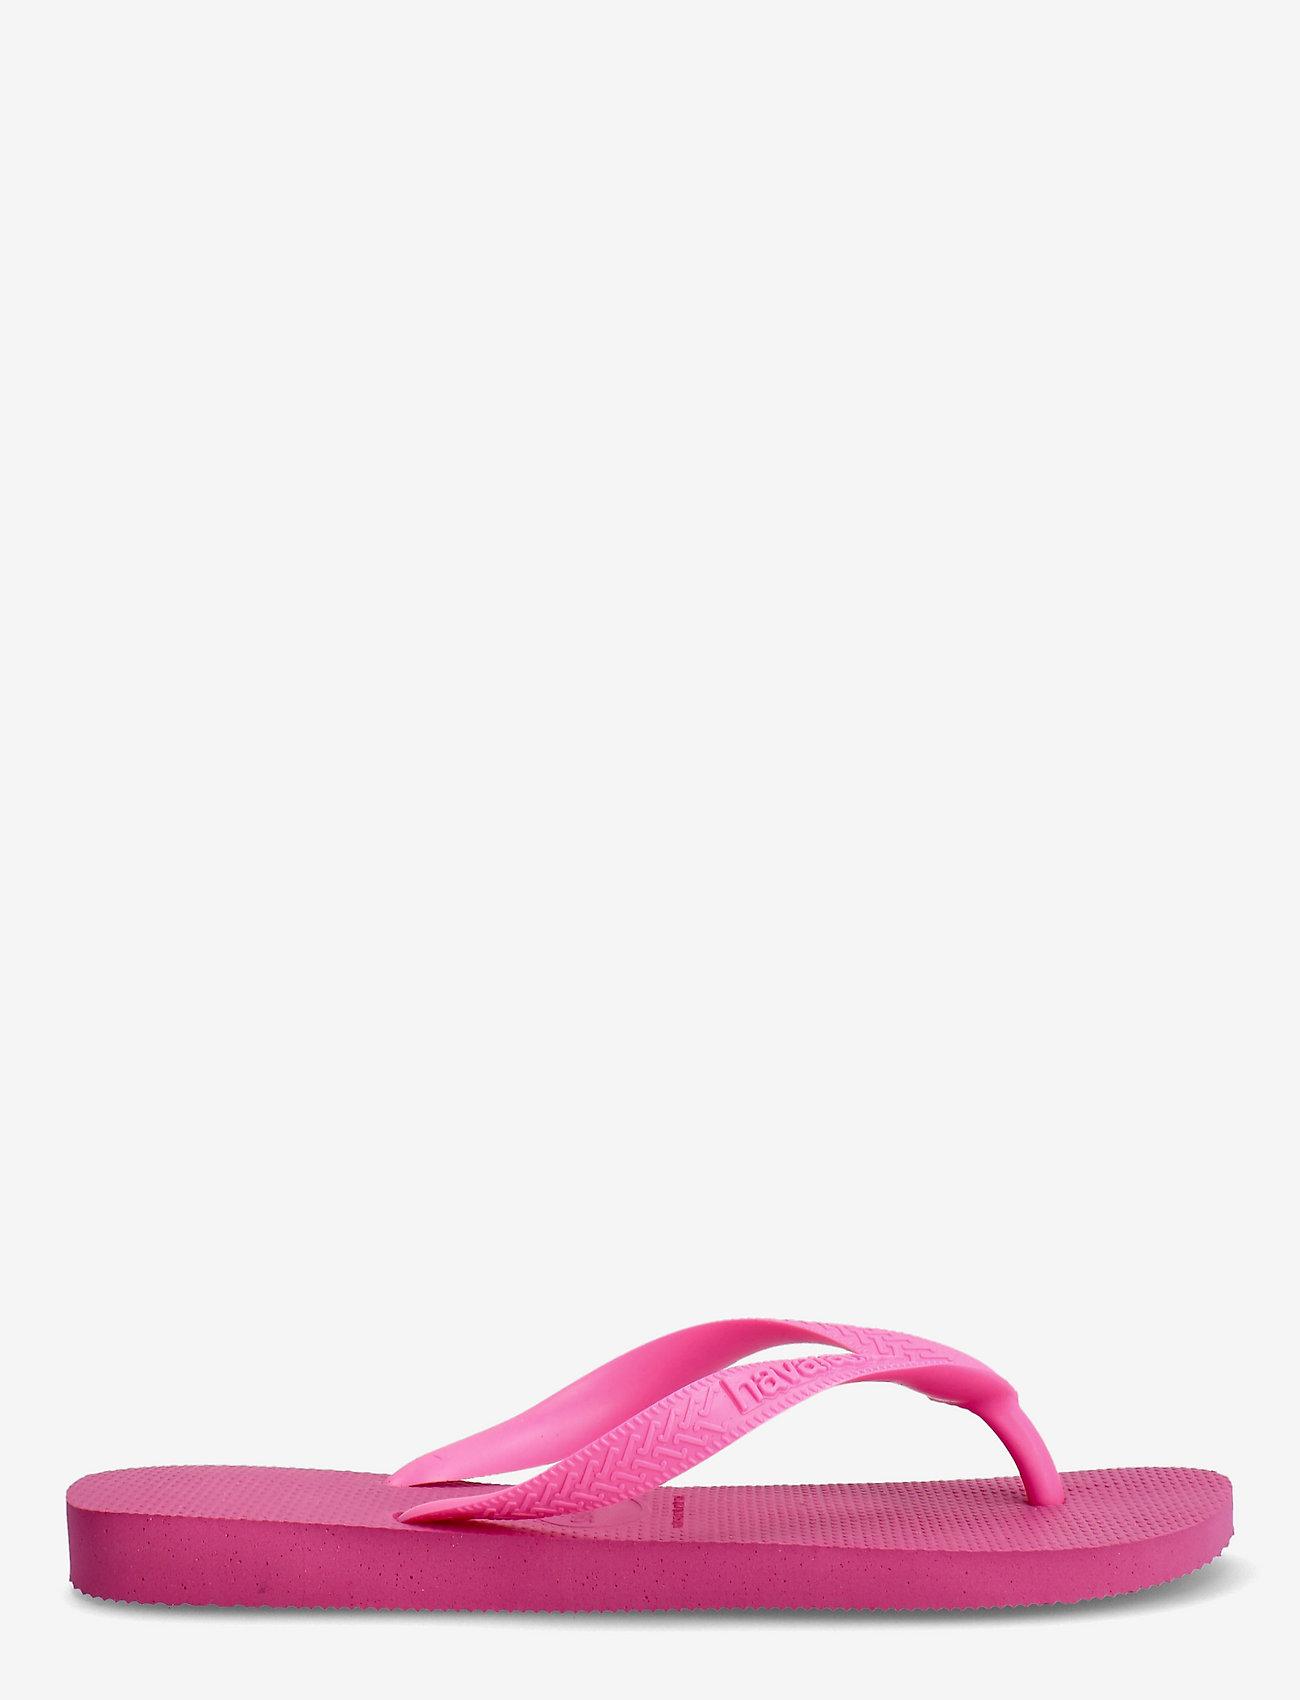 Havaianas - Top - teen slippers - pink flux 5784 - 1